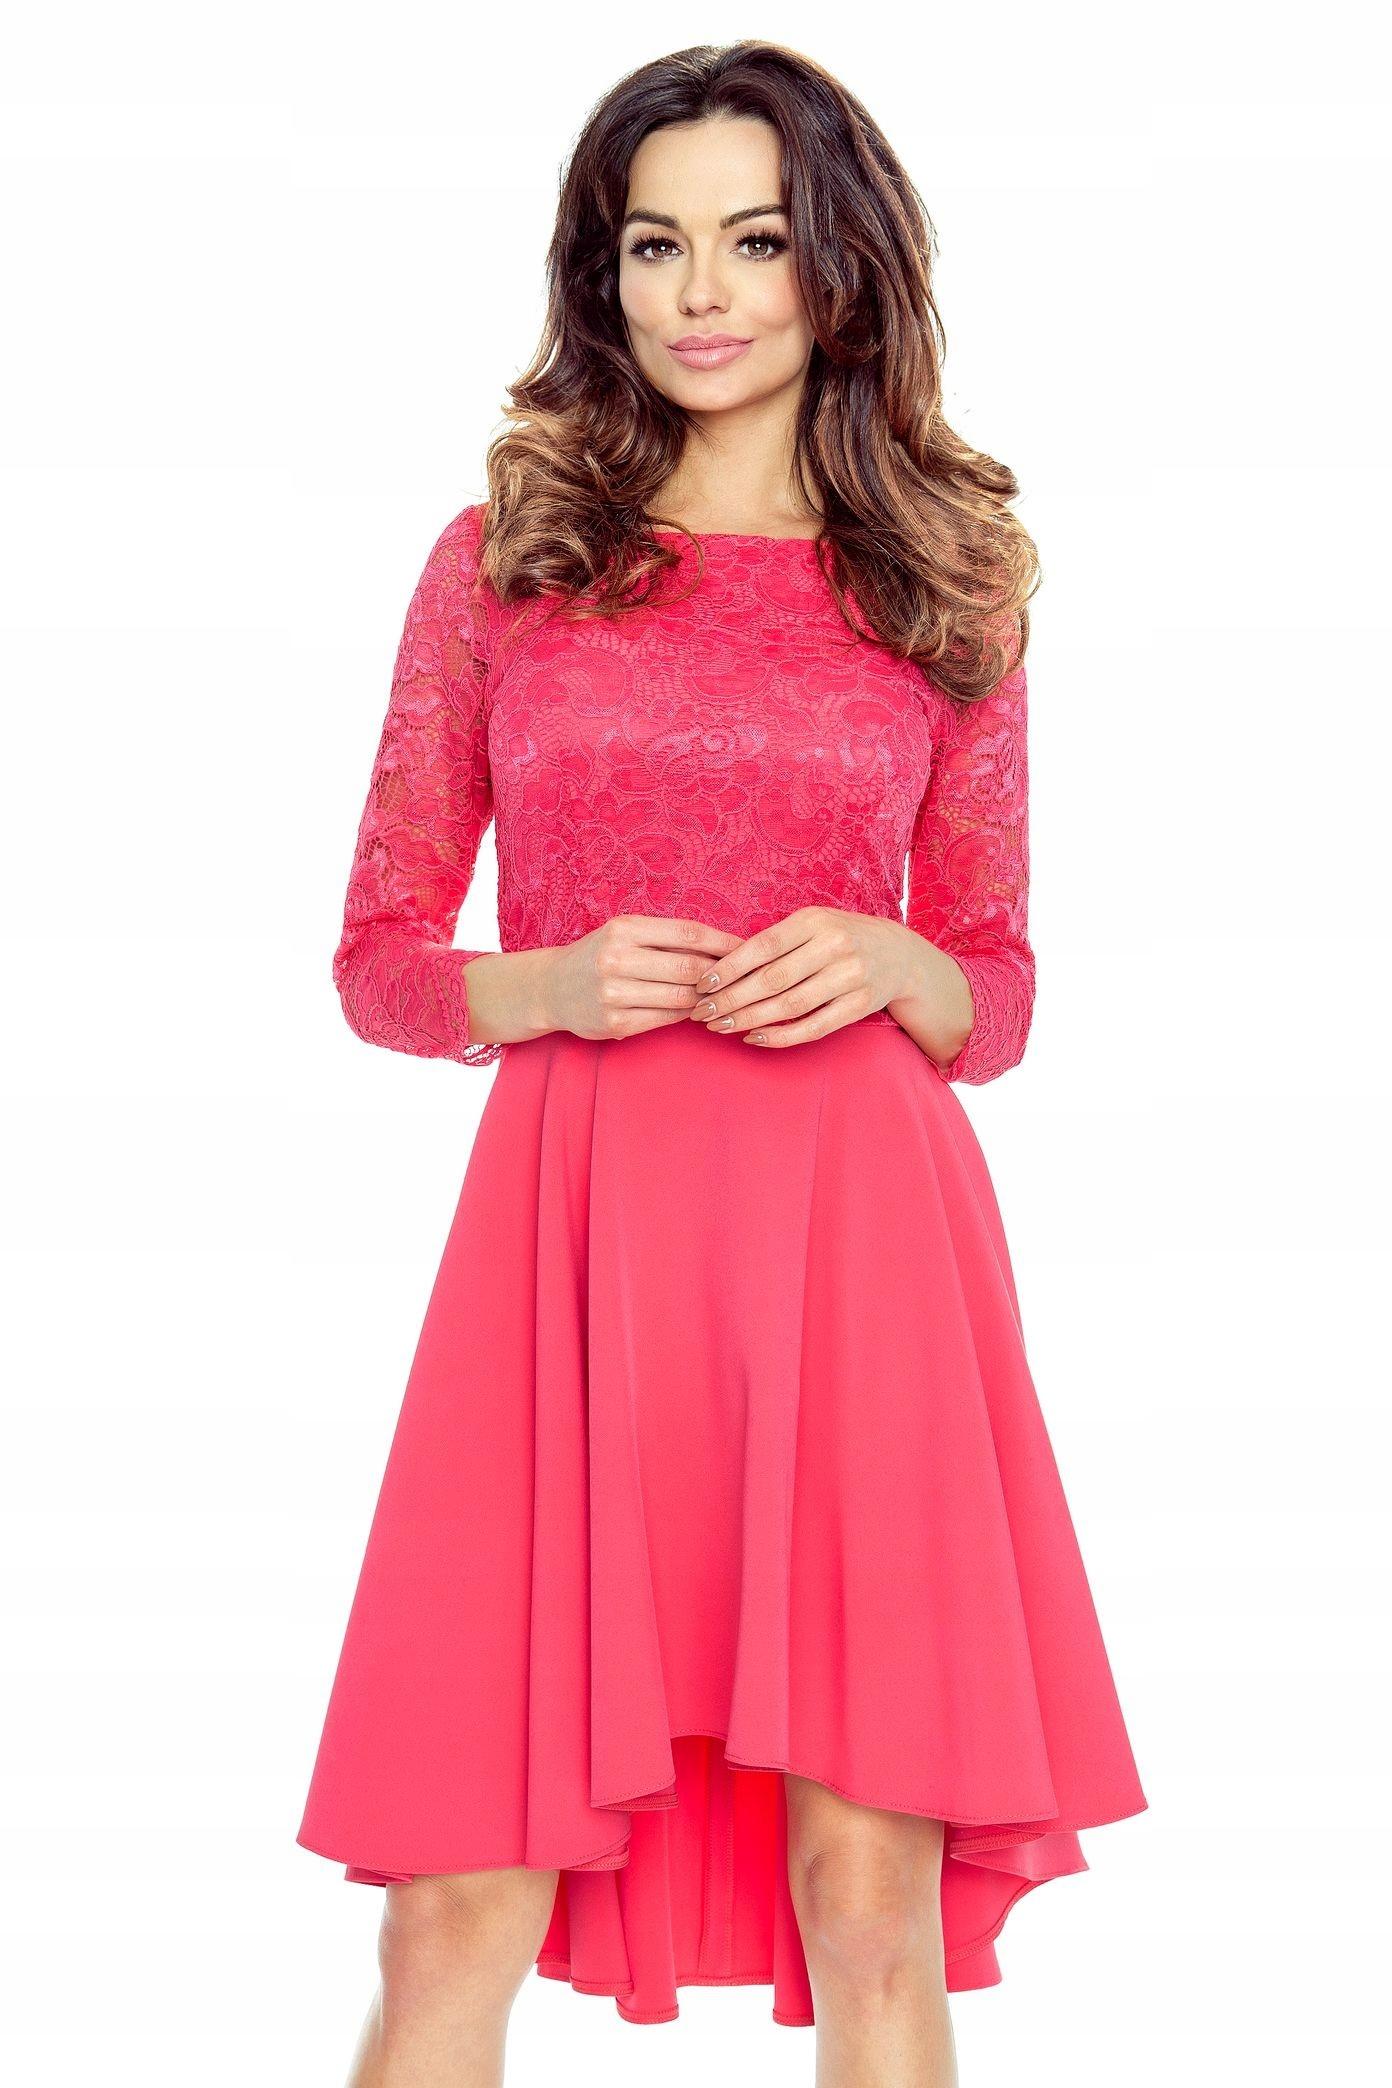 afb5d78f6d 48-04 CATERINA - sukienka z koronkową górą M - 7551465025 ...